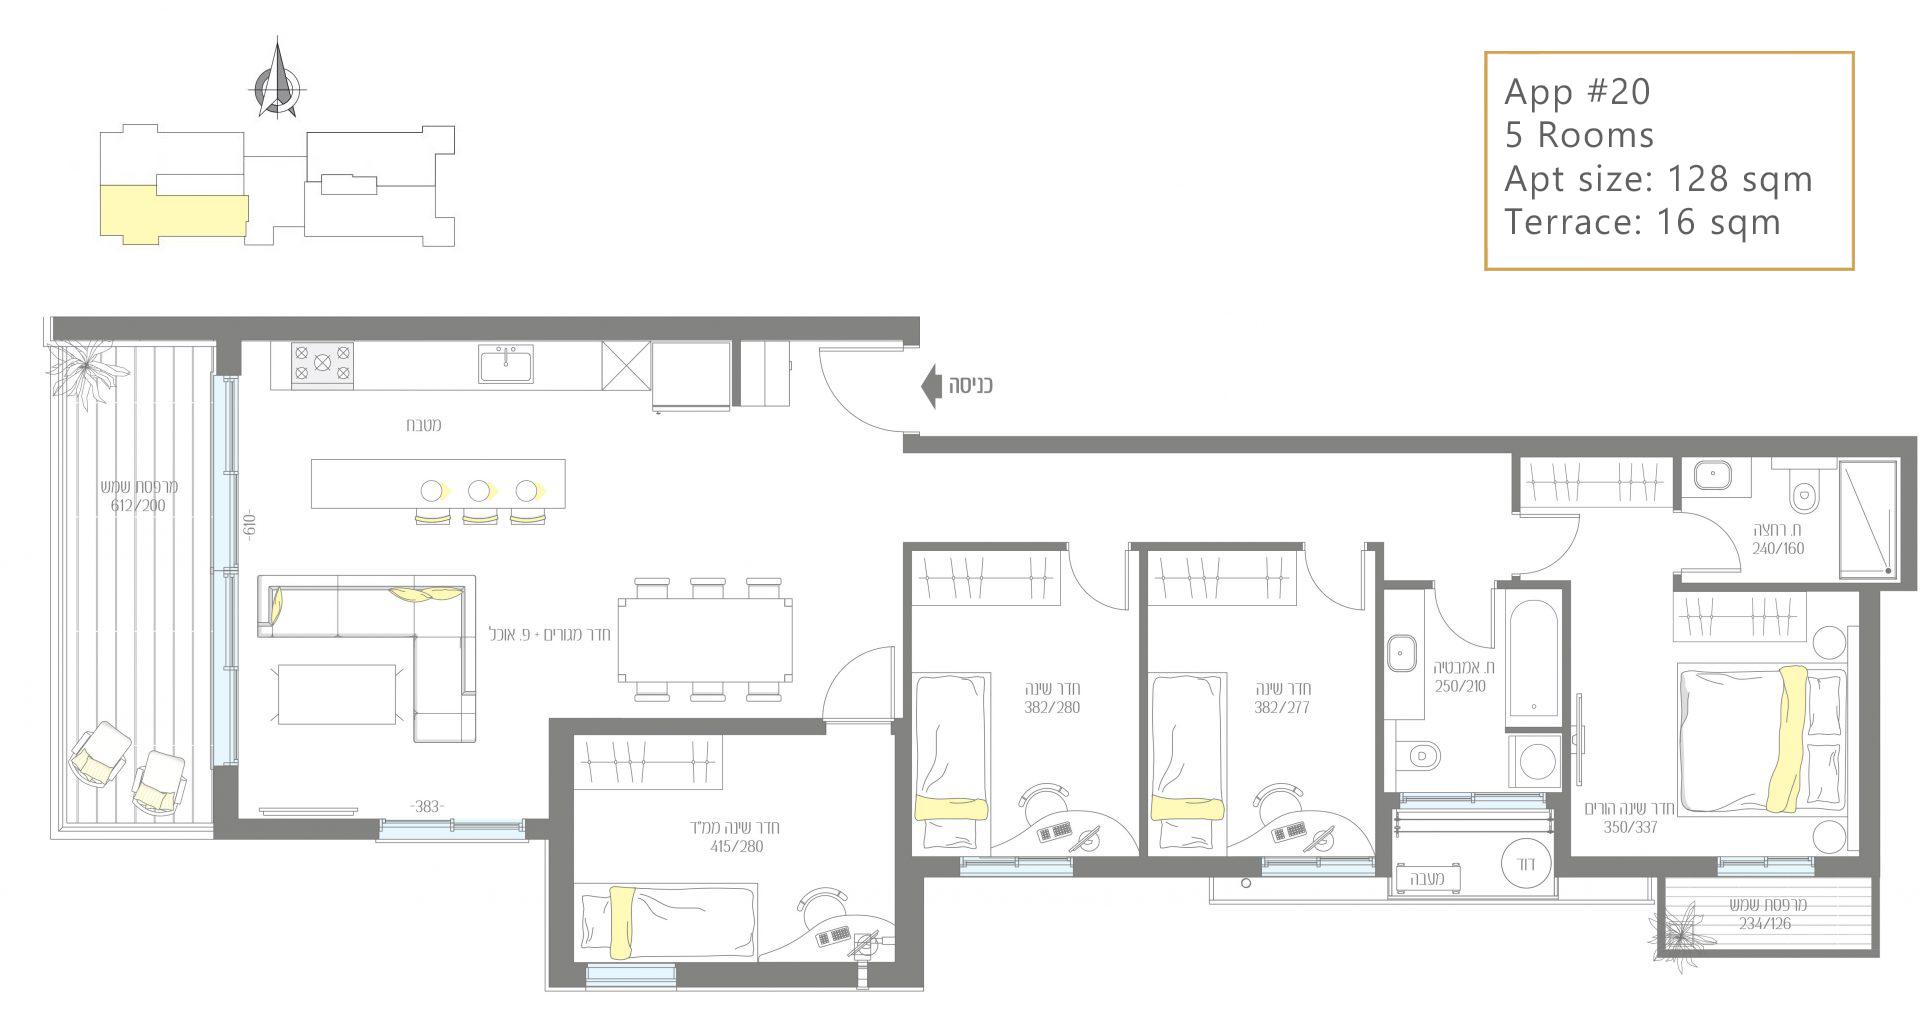 5 pièces de 127 m2 avec une terrasse de 16 m2